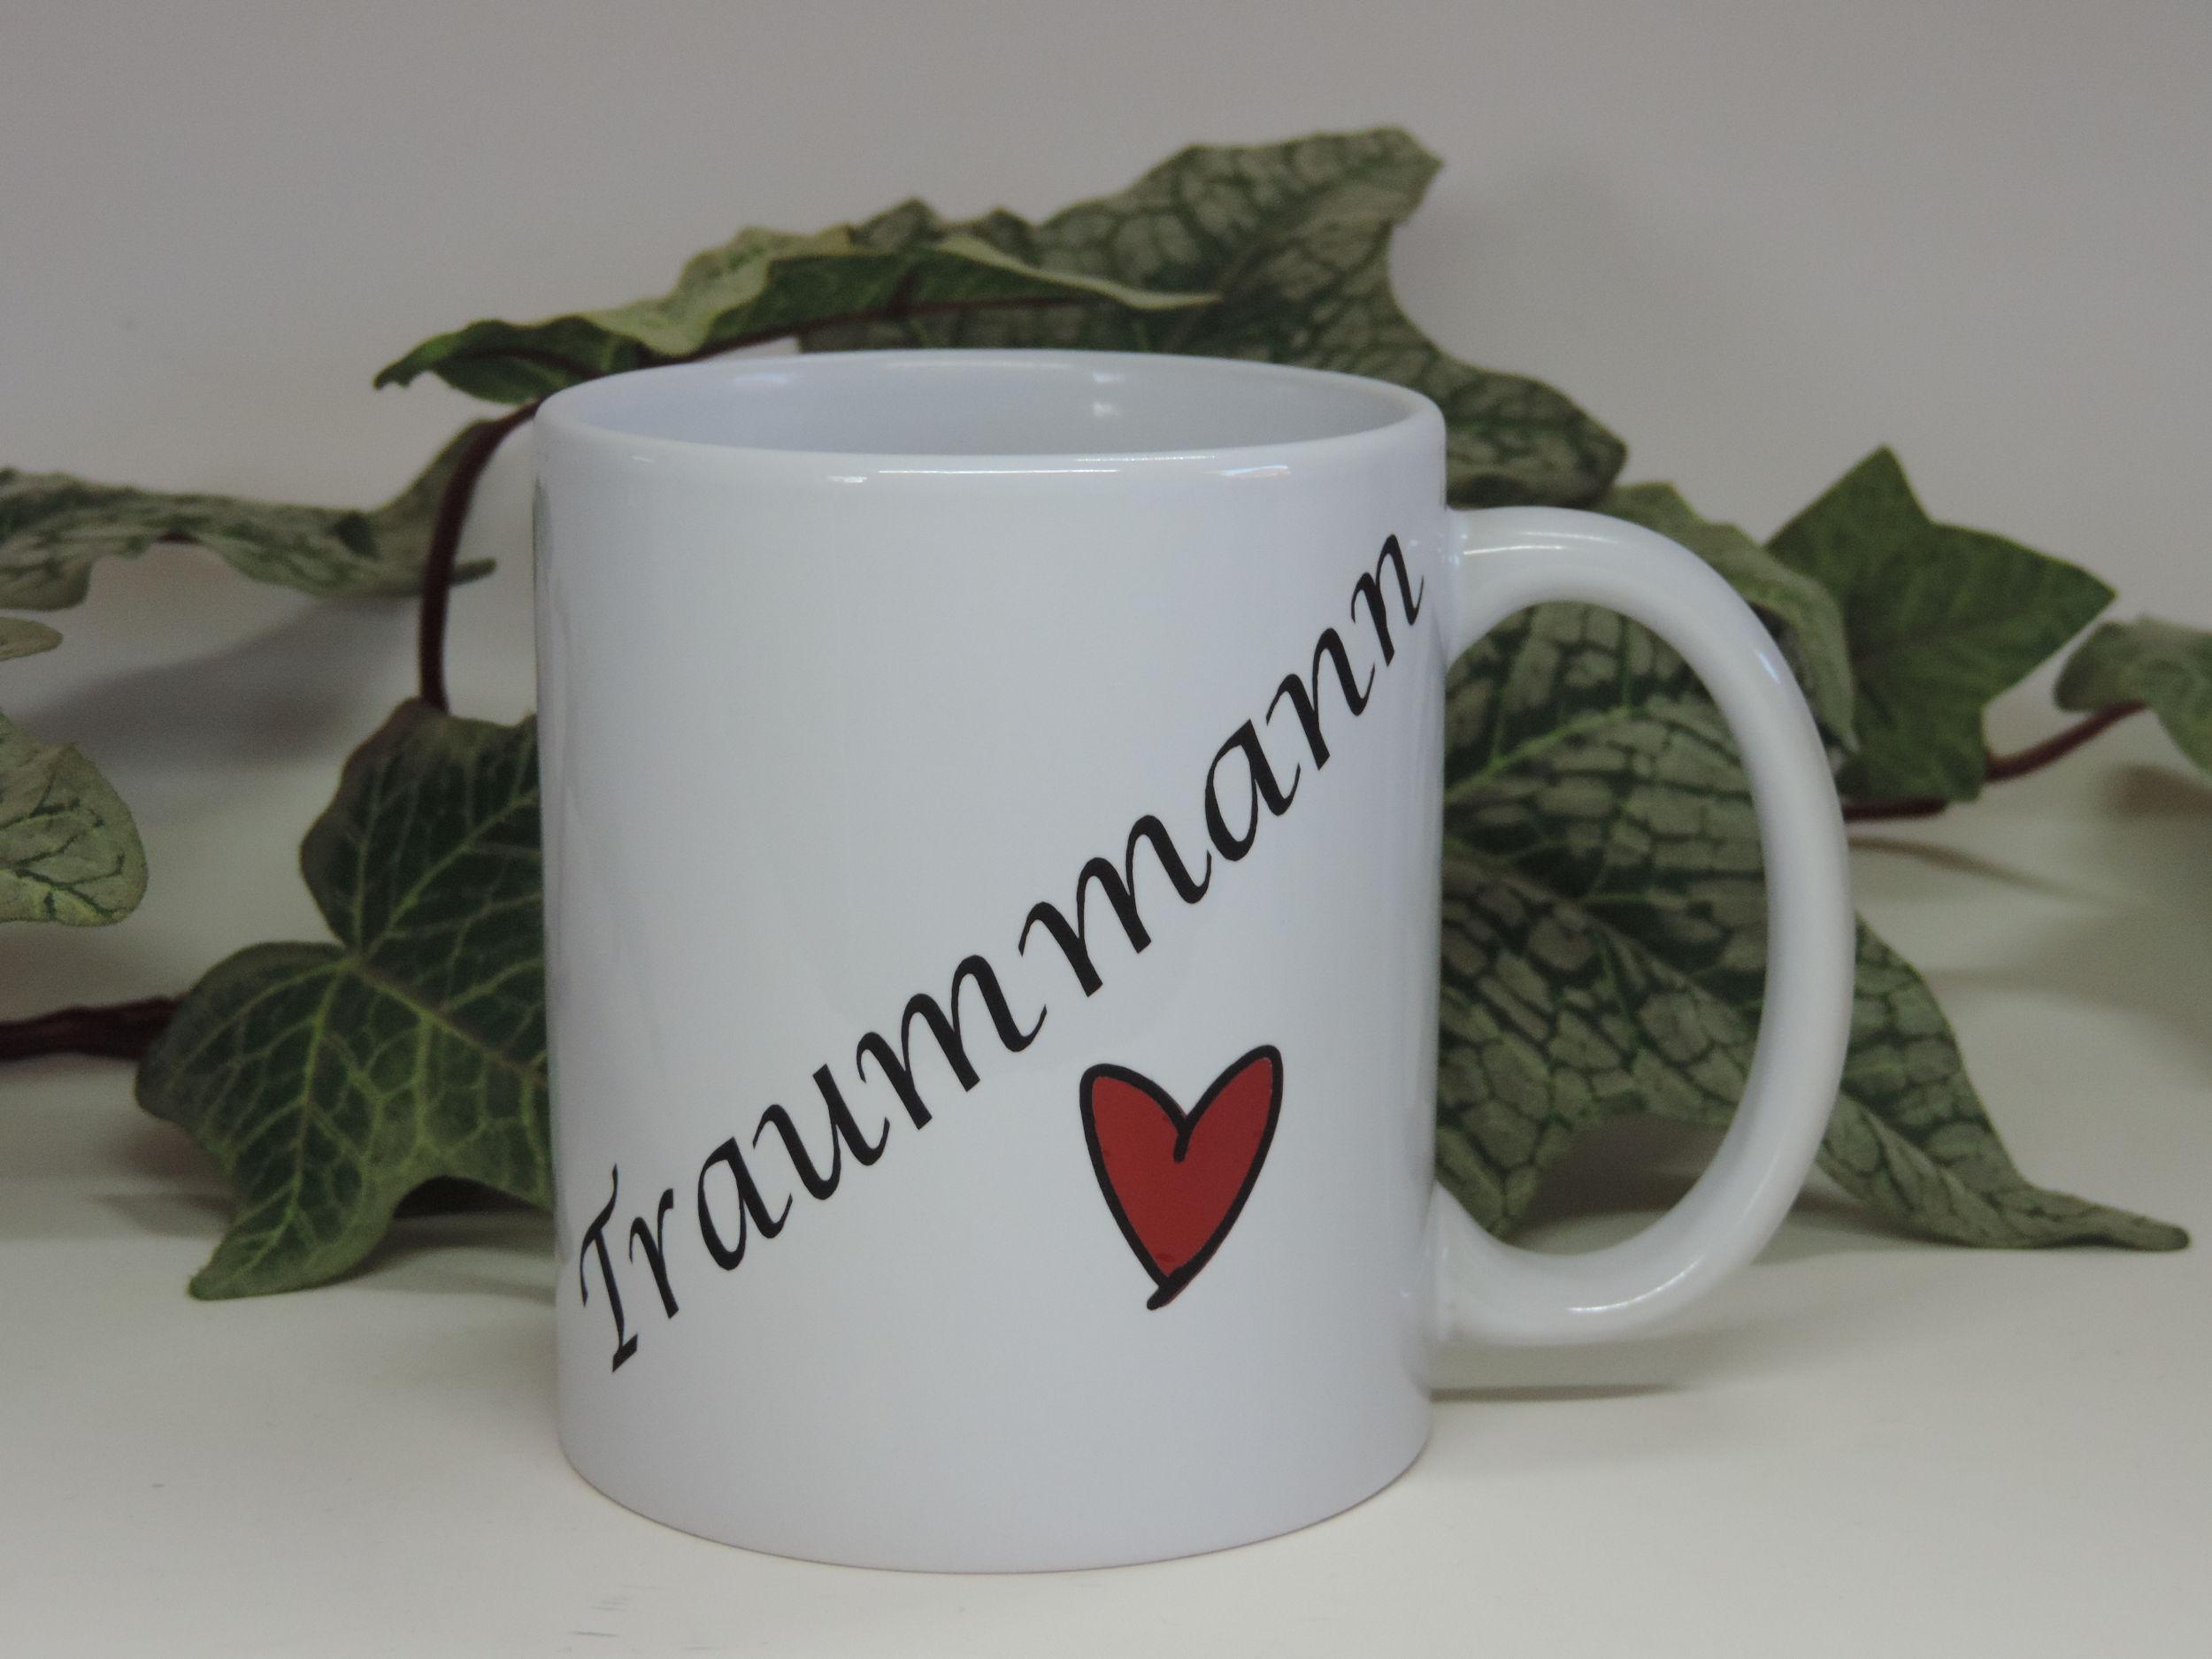 2er Set Kaffee Becher Tasse Pot Traummann/Traumfrau Geschenk Sprüchebeche ,Kaffetasse , Aufkleber Venyl, plotter, Themen Tassen, Srüch, Sprüche, Pandemie, Covid,